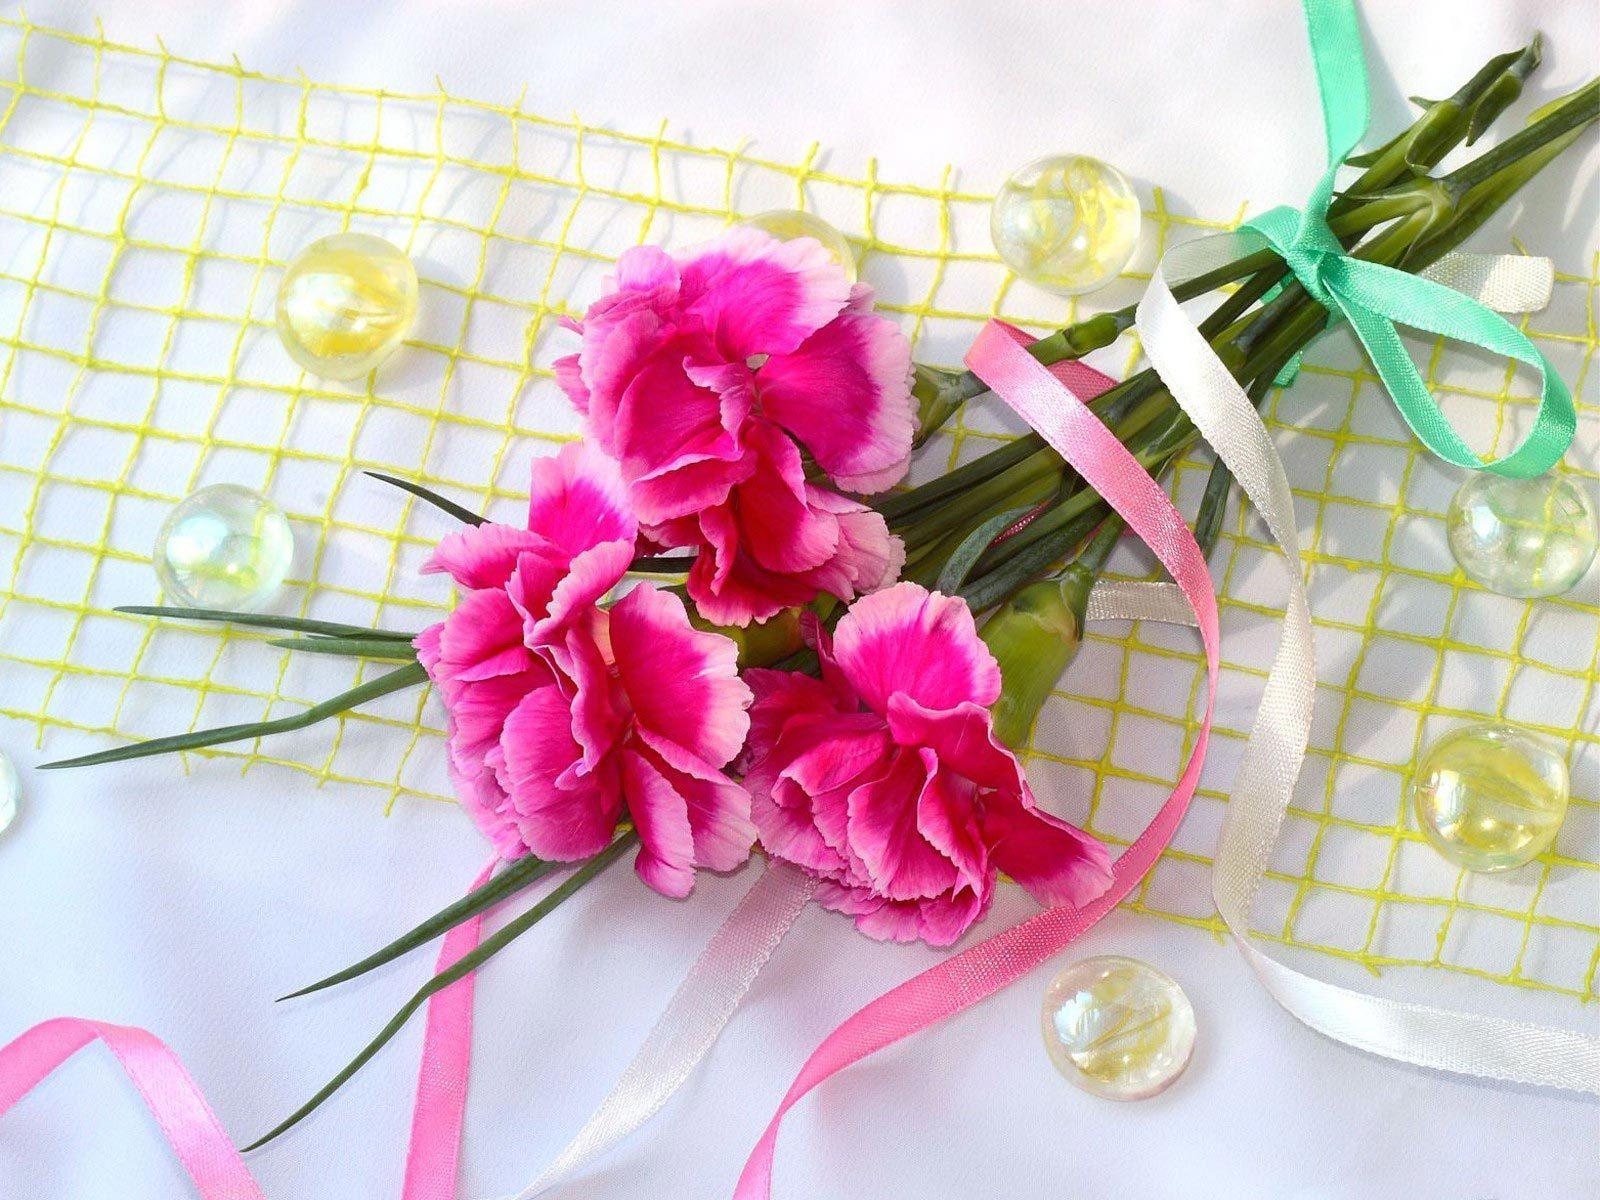 Handy-Wallpaper Pflanzen, Blumen, Bouquets, Nelken kostenlos herunterladen.